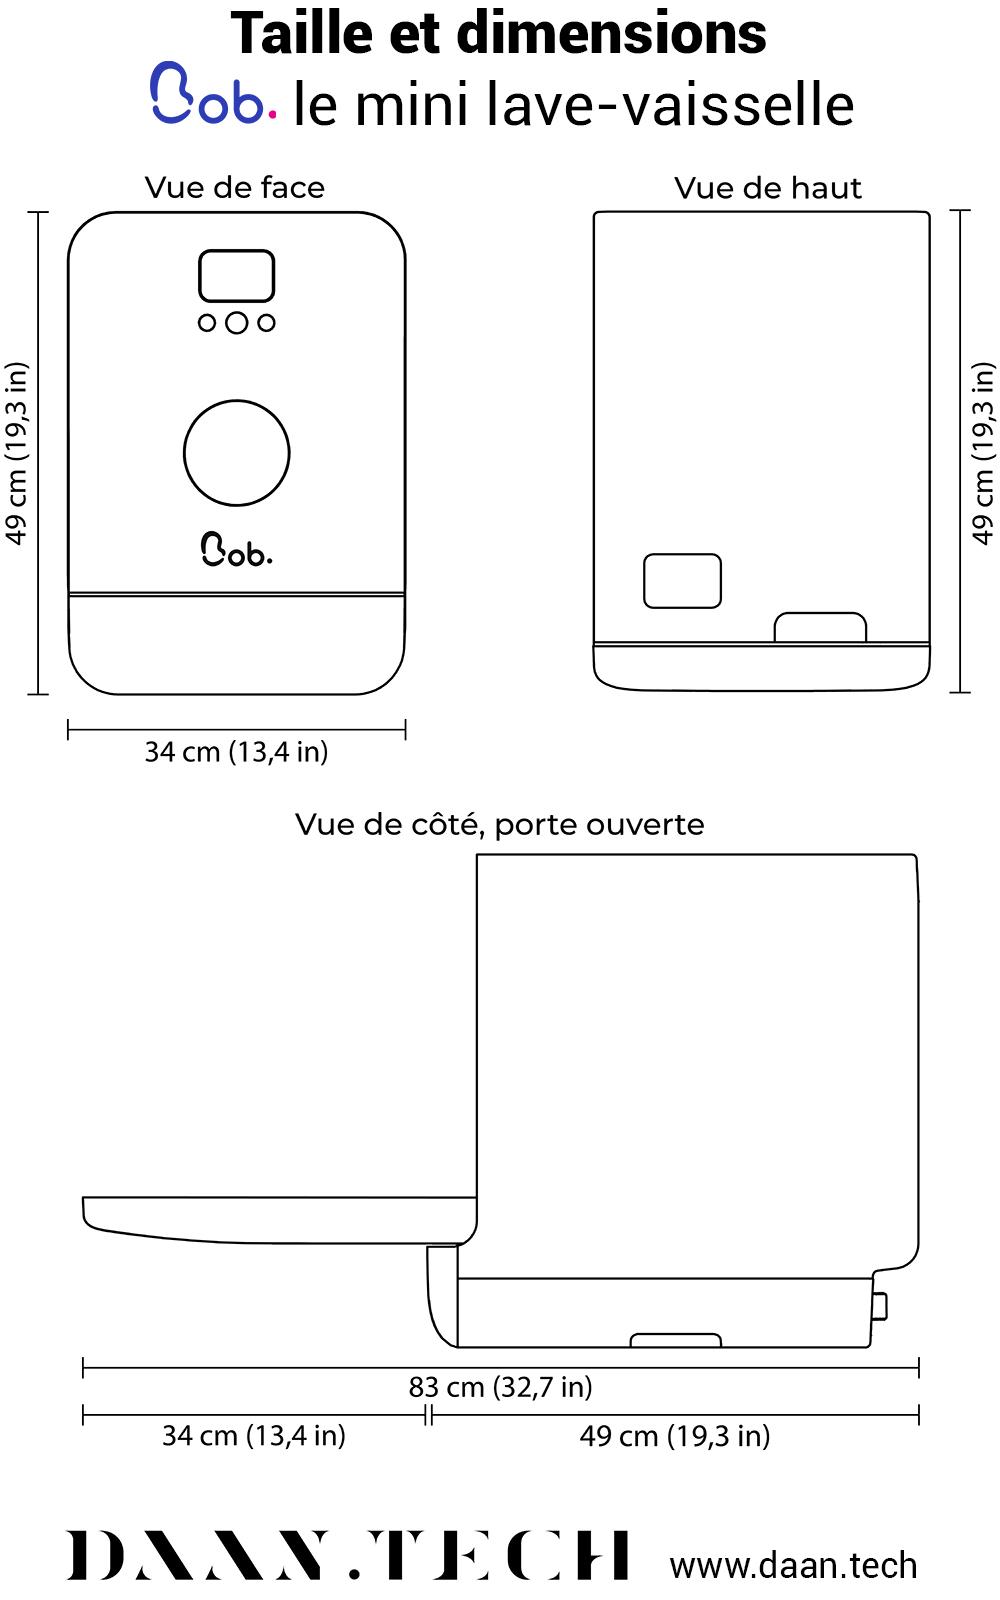 Dimensions Bob mini lave-vaisselle